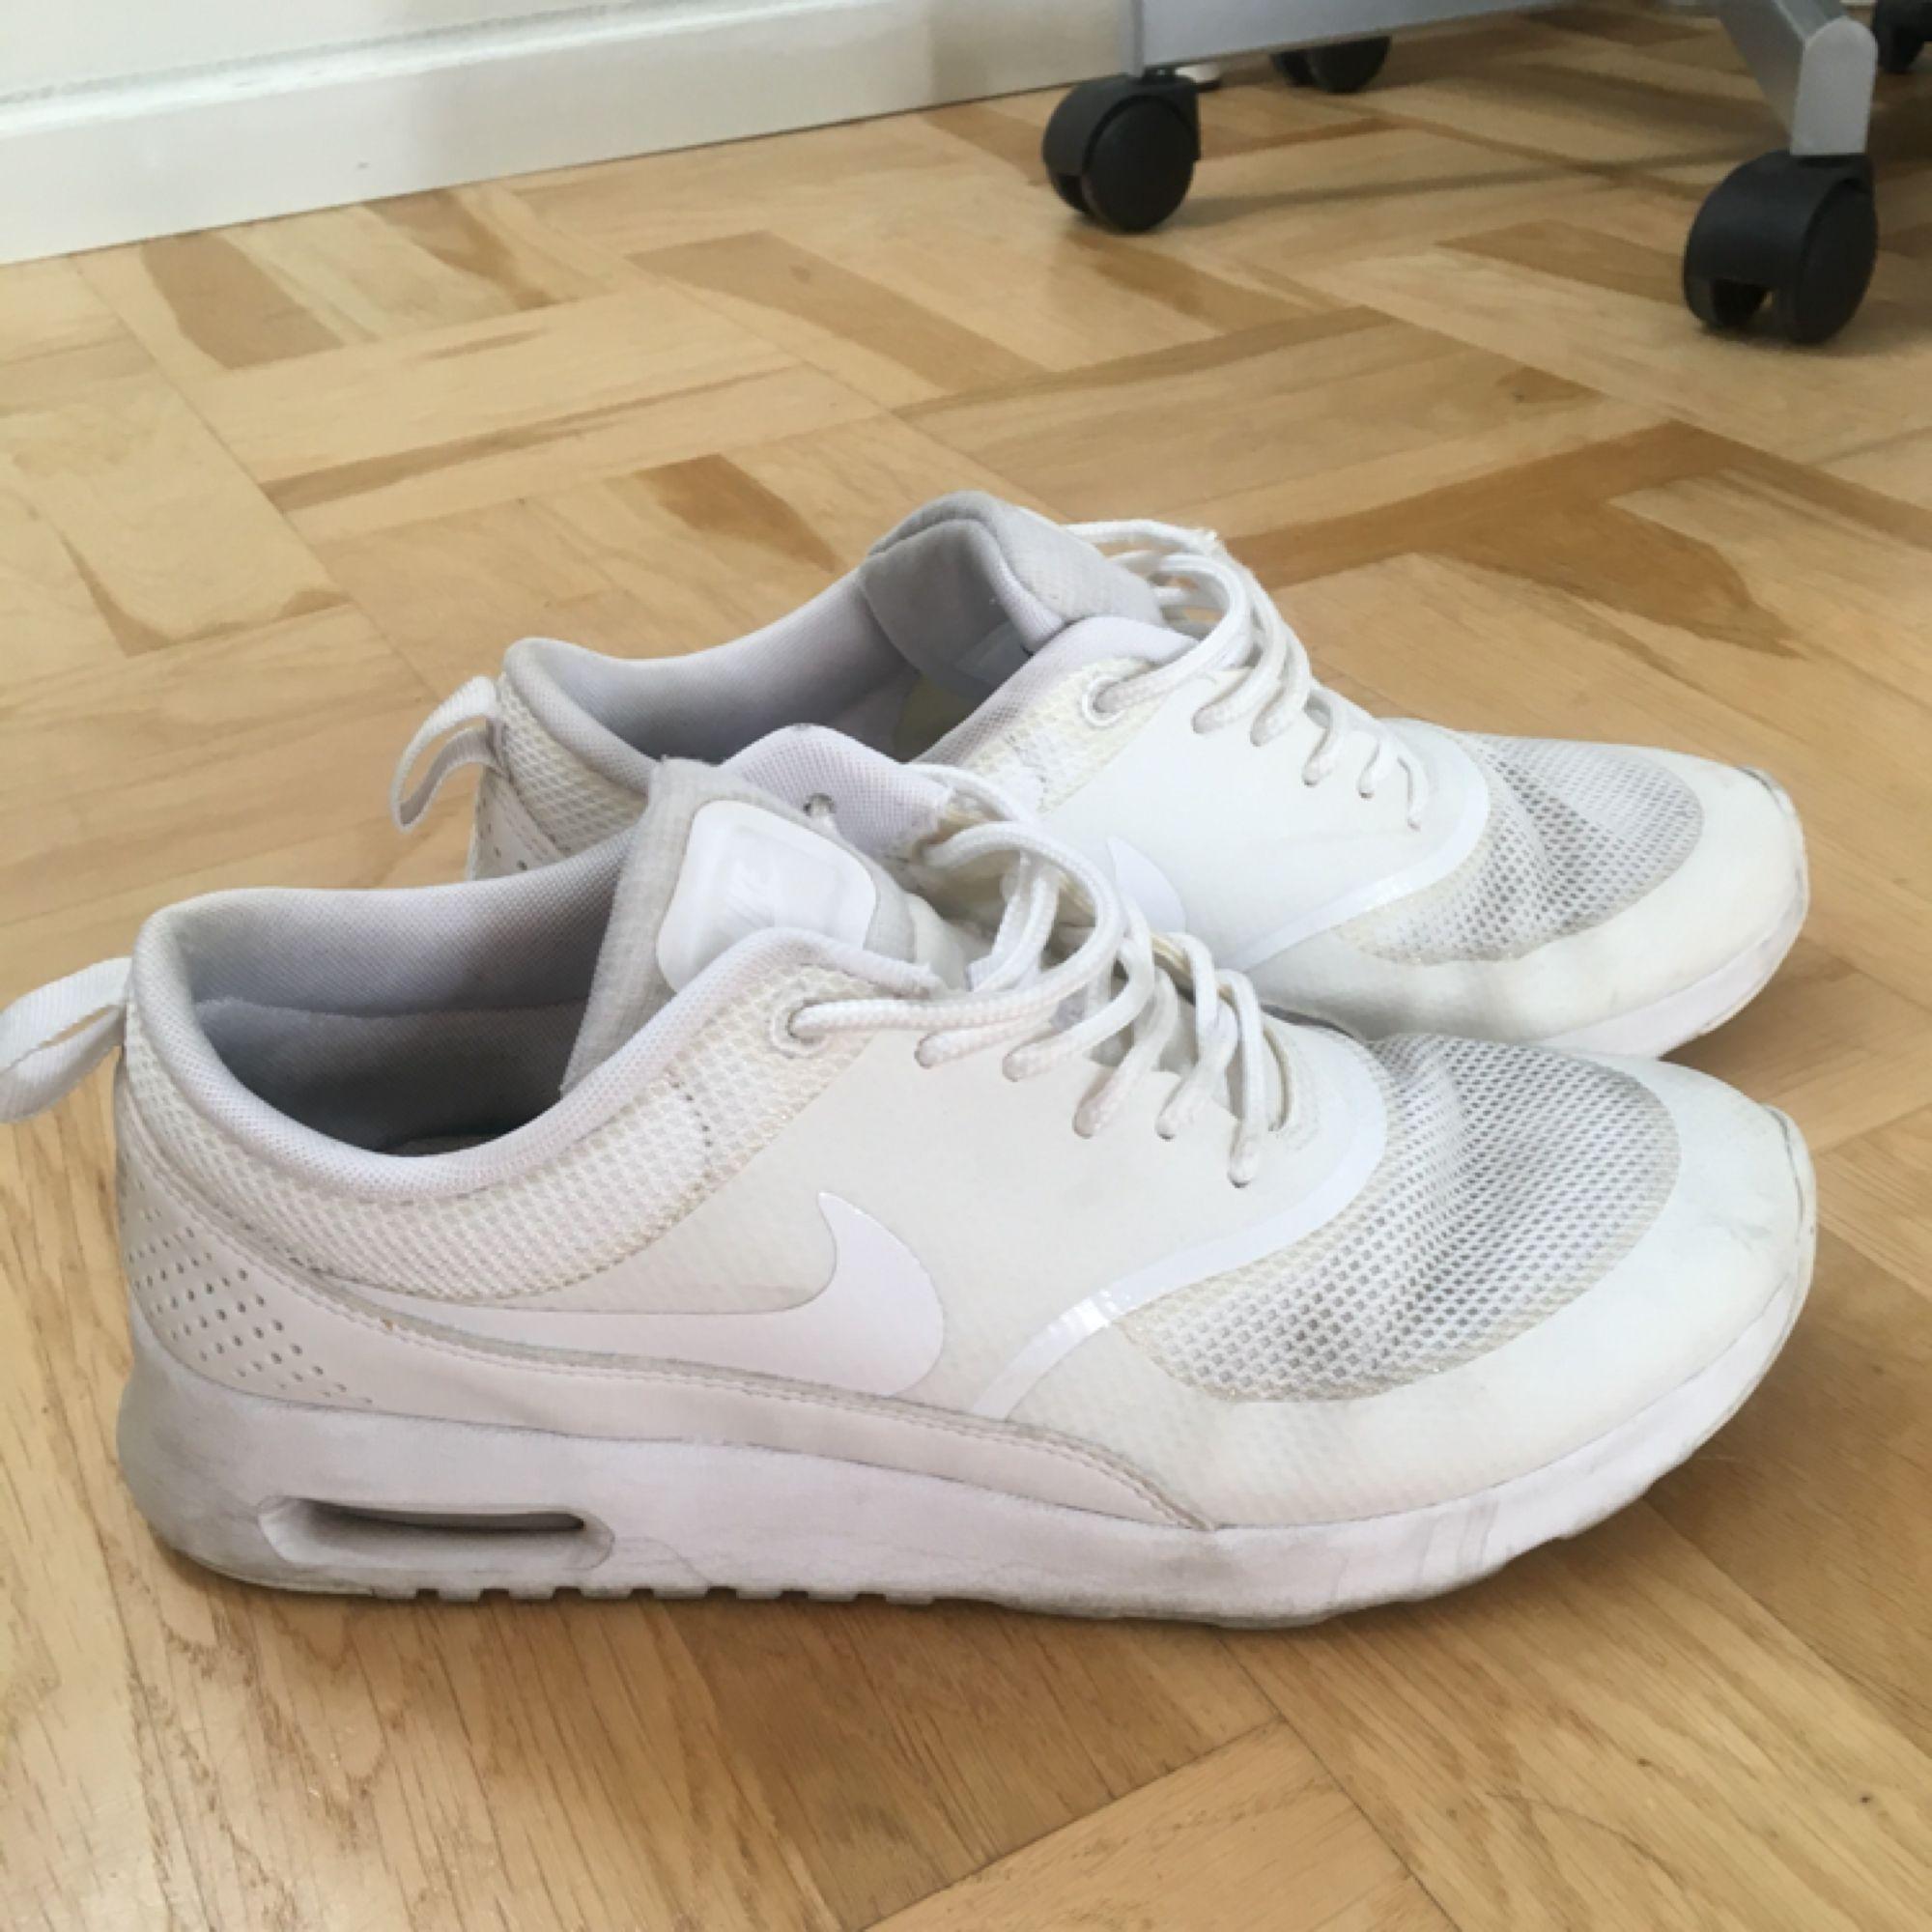 buy online f9b12 b24c8 Säljer mina Nike Air Max Thea i storlek 38. Skorna är i fint skick, ...